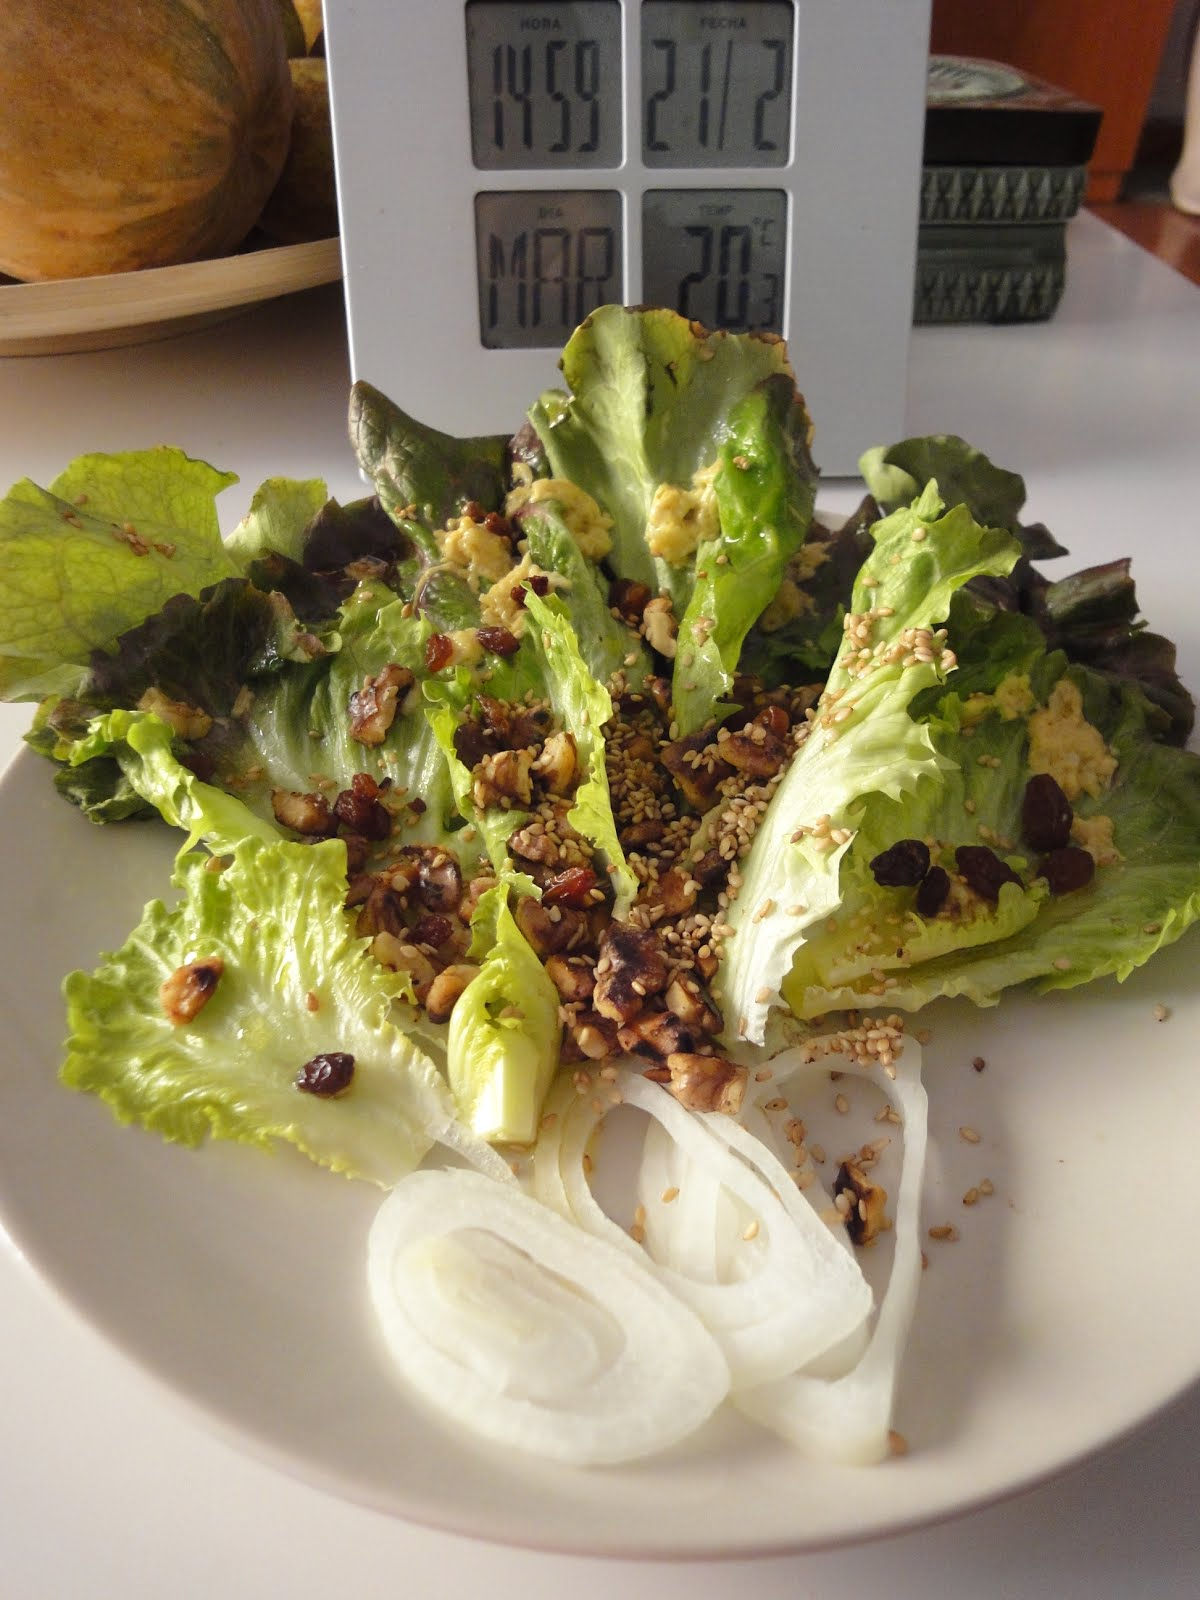 Clases de cocina zaragoza ensalada ecol gica con s samo y nueces aderezada con mostaza y ajo - Cursos de cocina zaragoza ...